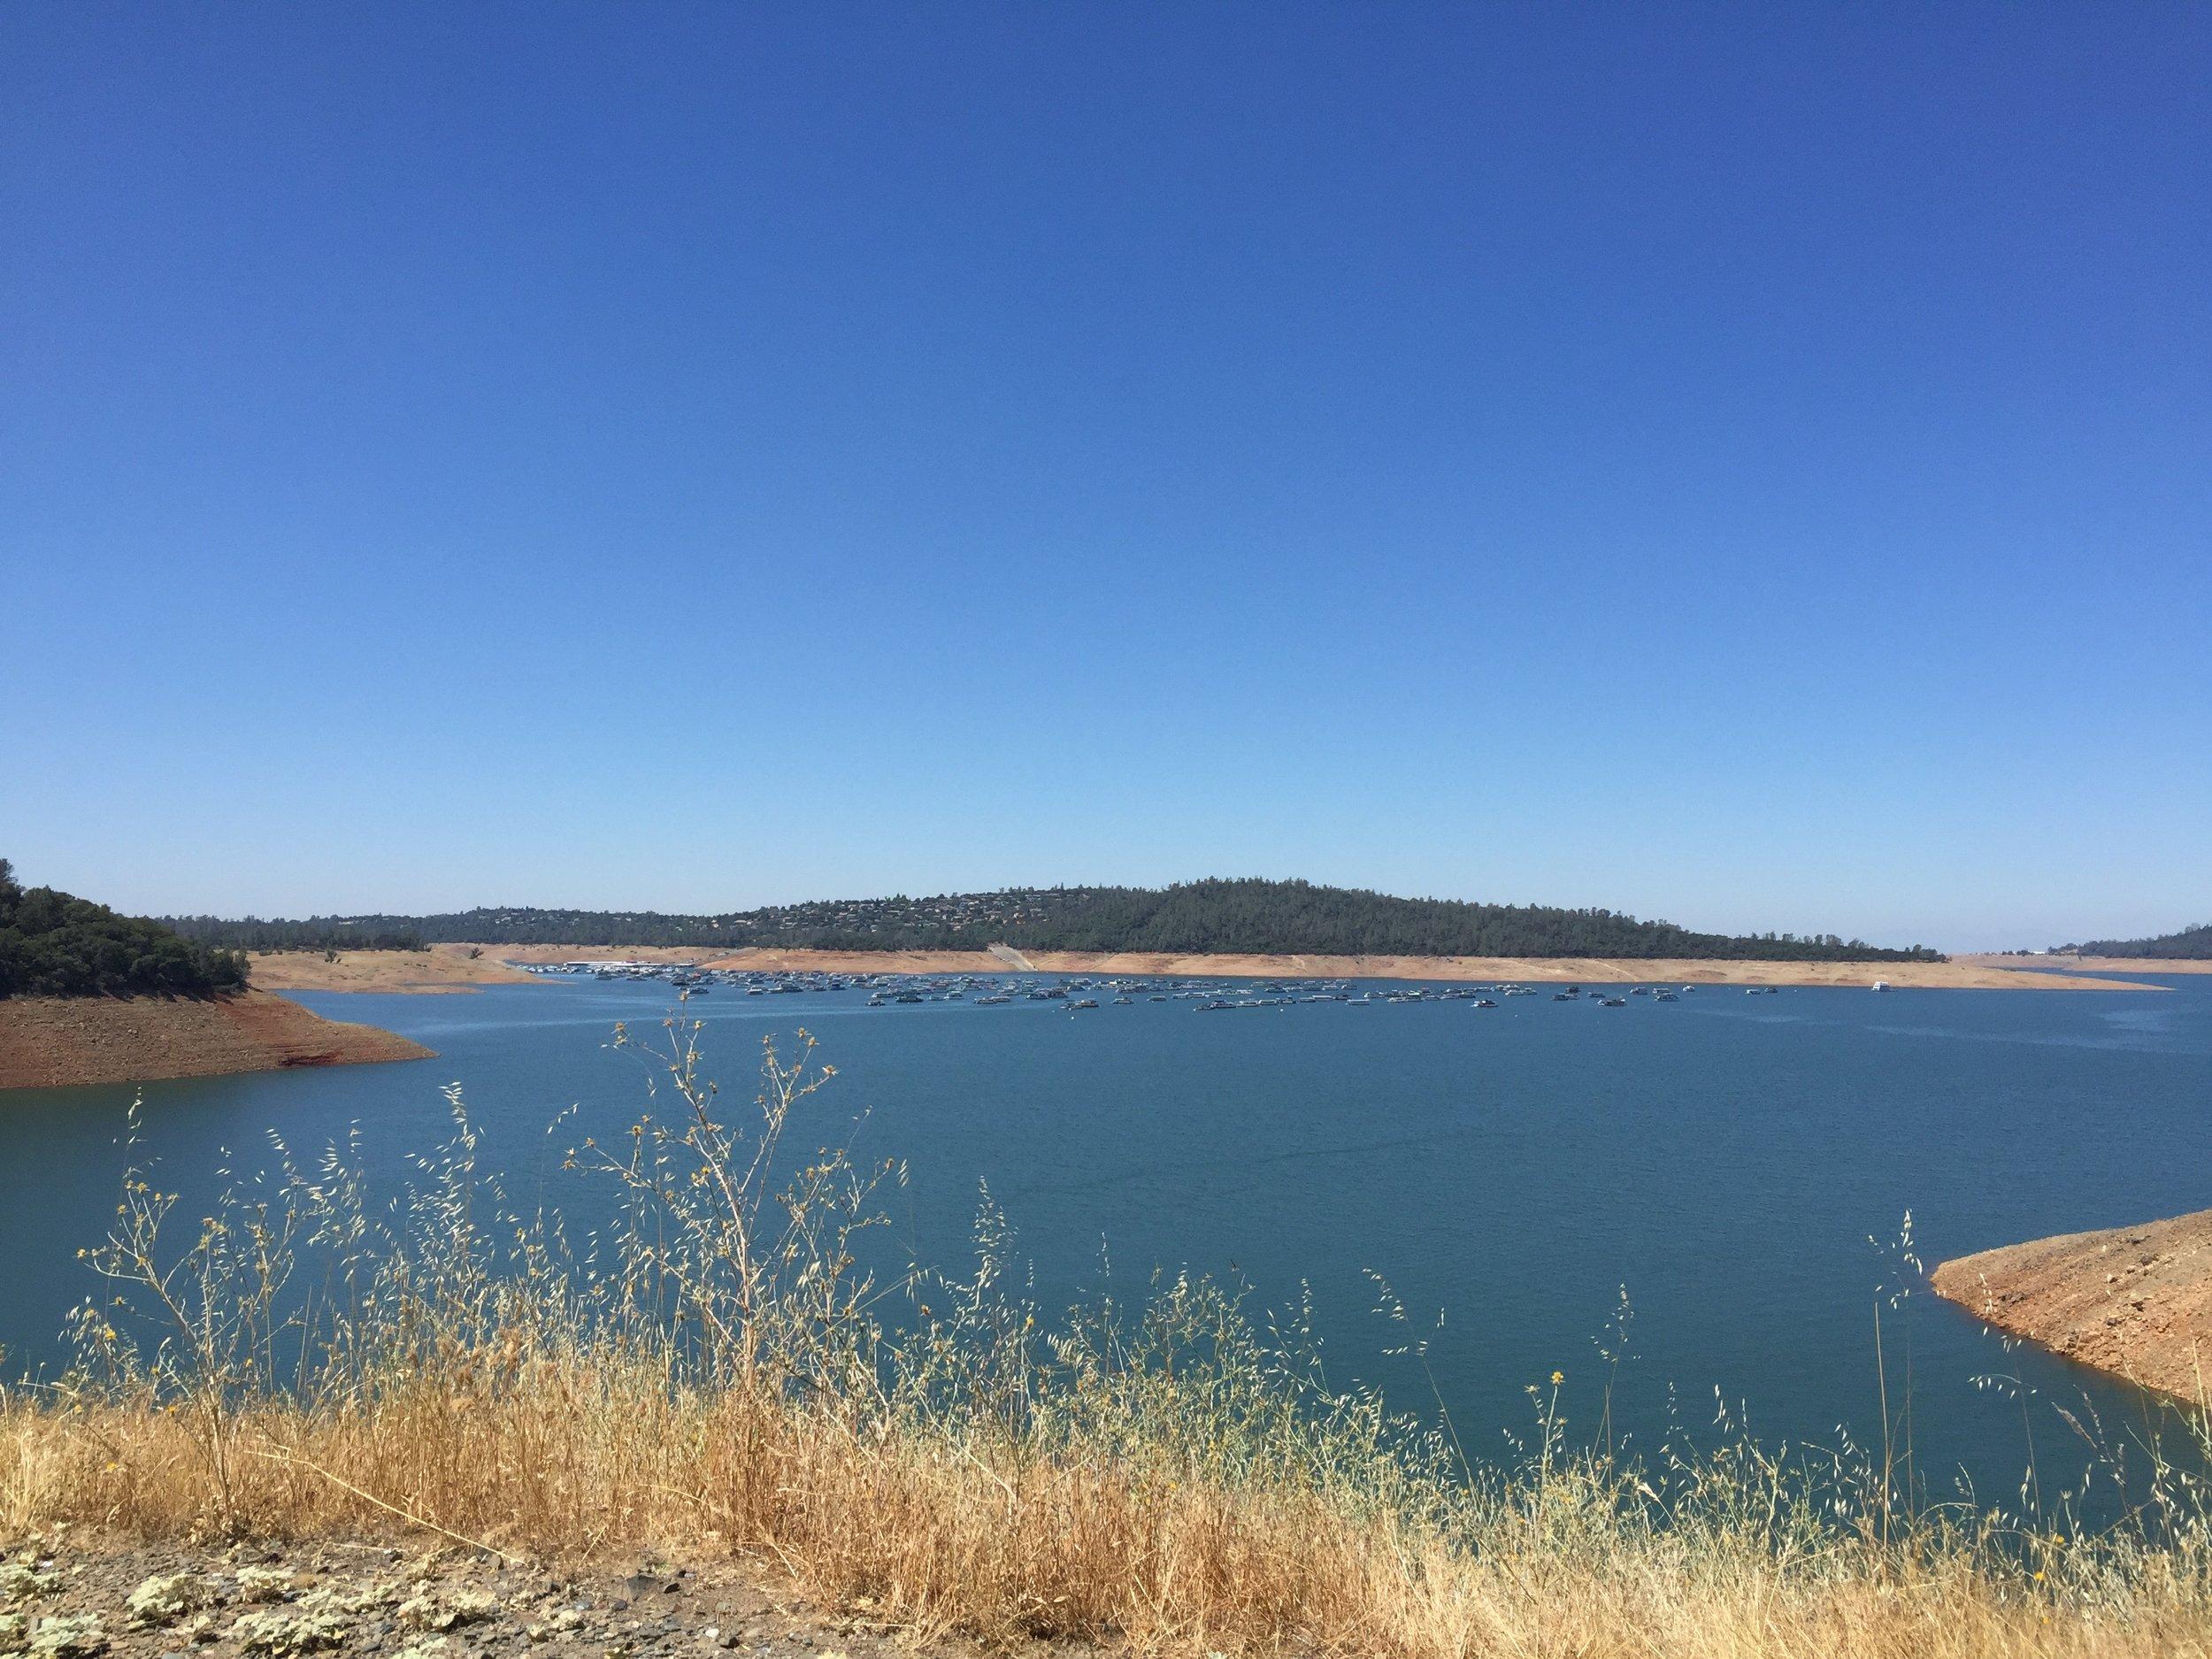 Lake Oroville